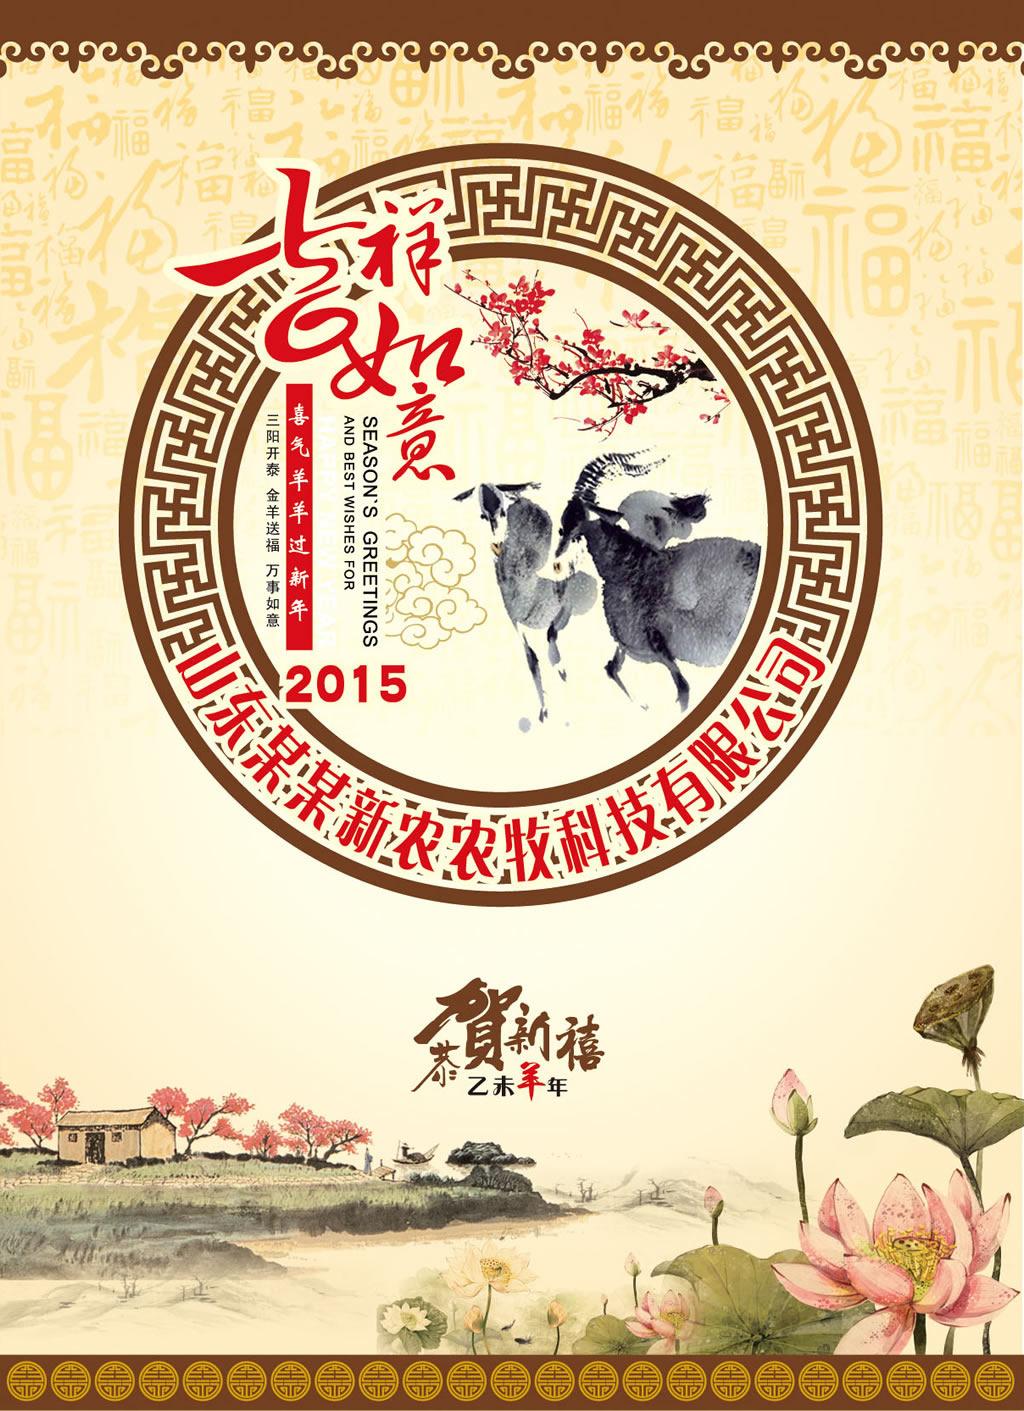 2015羊年古典海报台历封面模板下载(图片编号:)图片